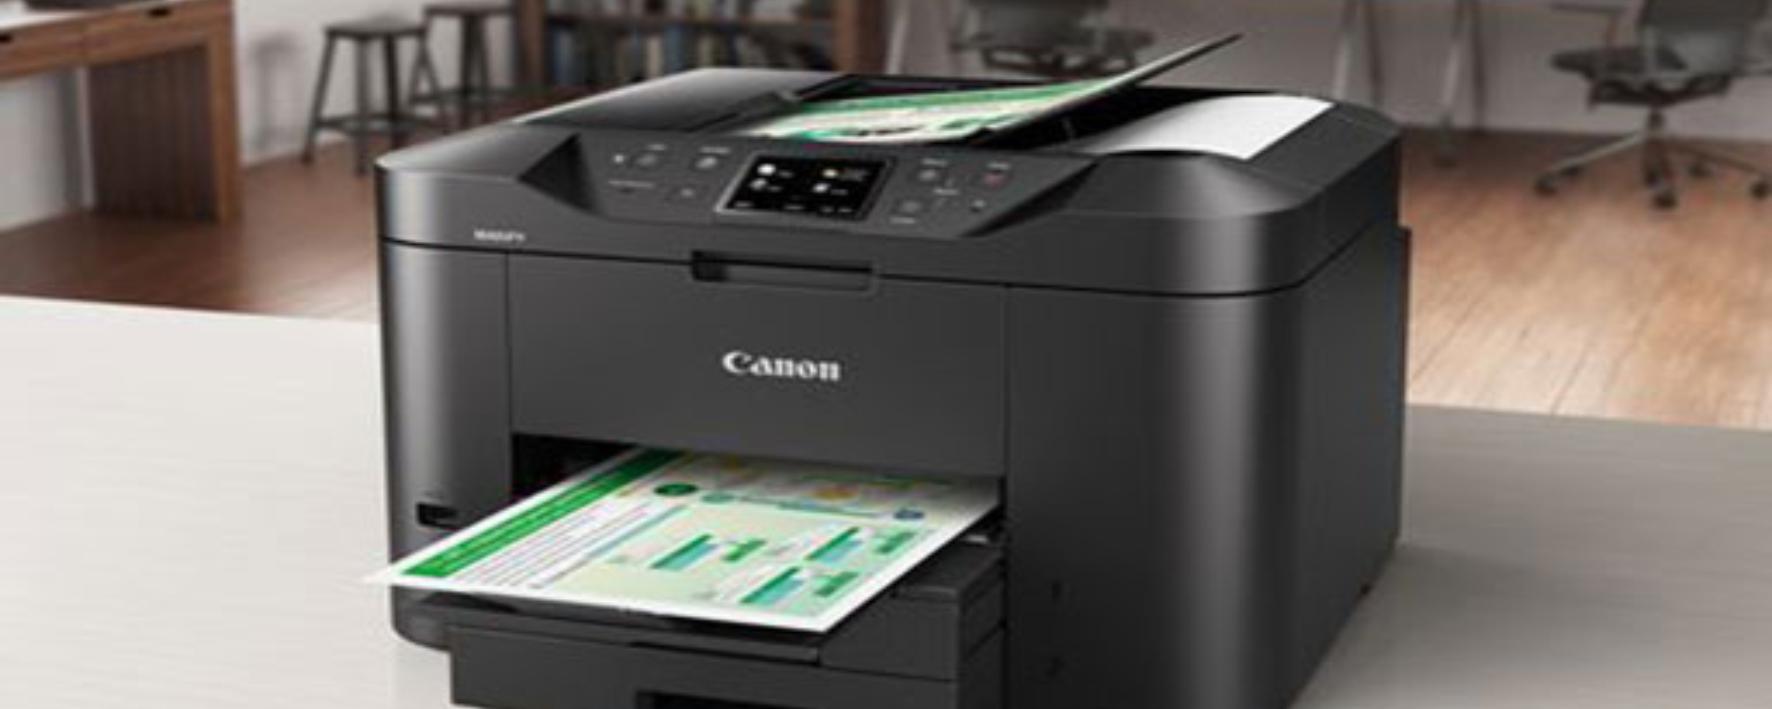 Printer opsætning